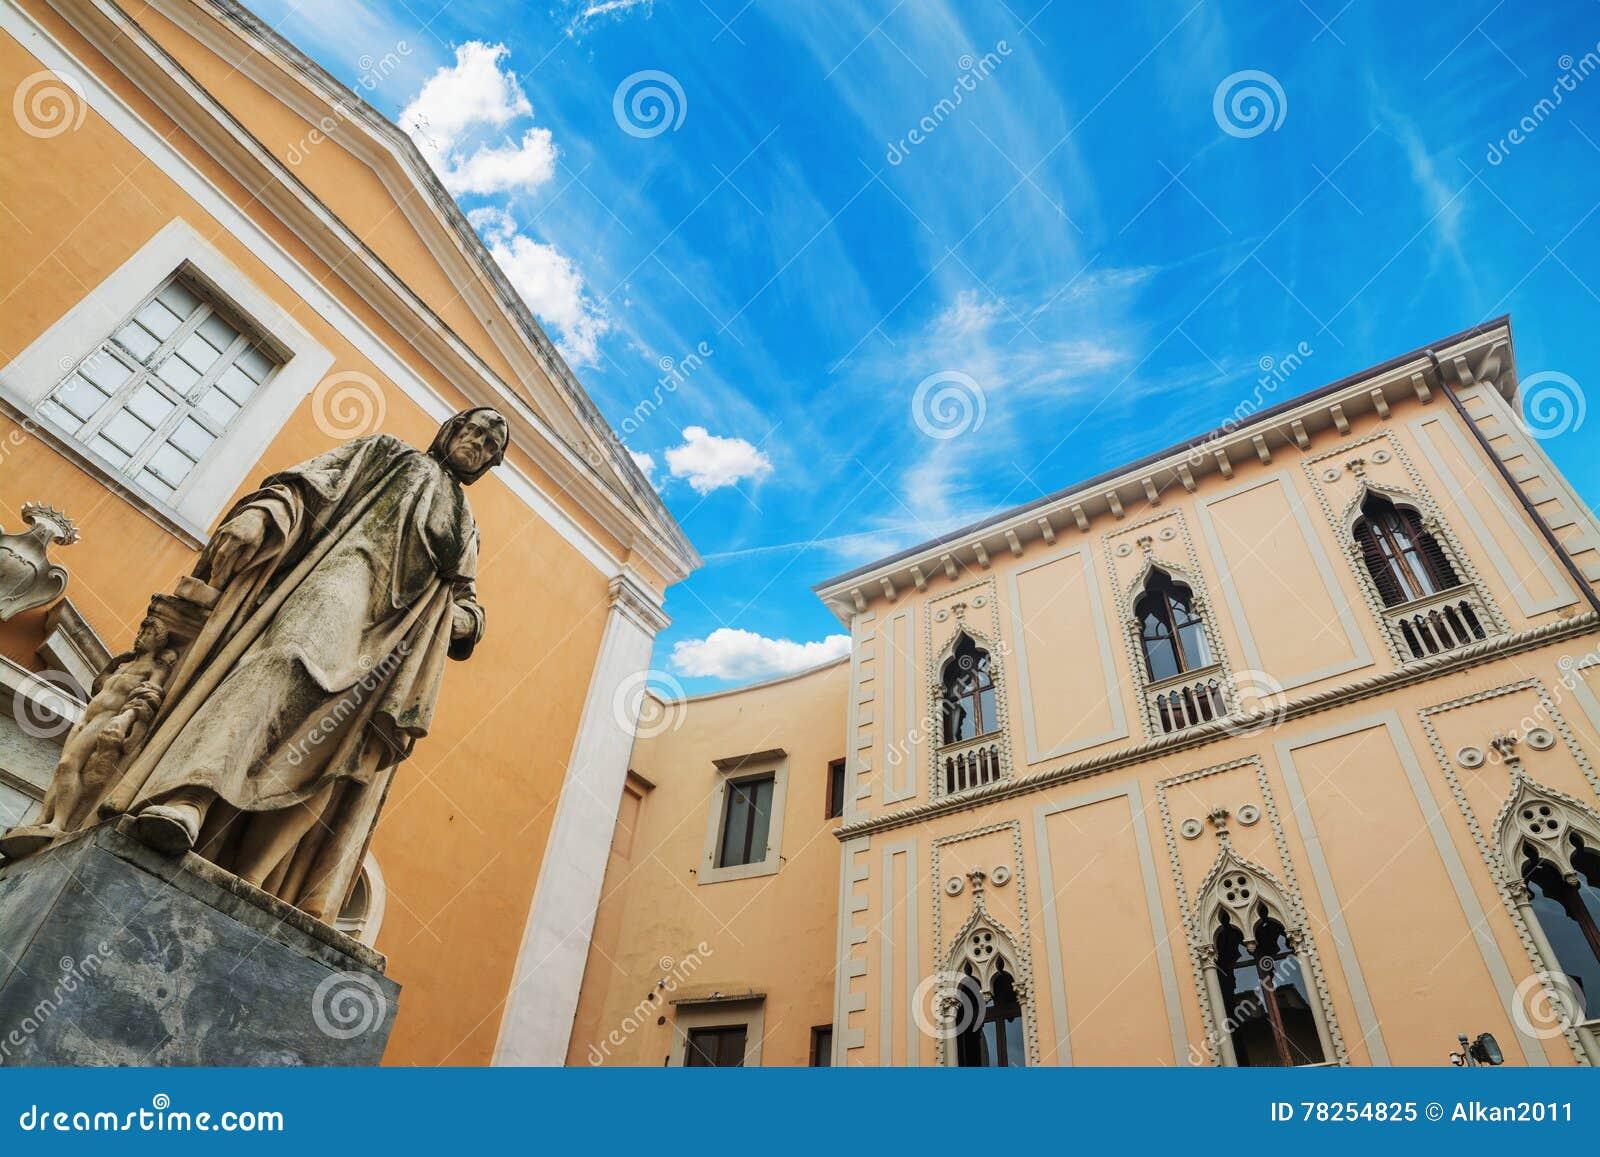 Άγαλμα της Nicola Pisano με την εκκλησία της Σάντα Μαρία del Carmine